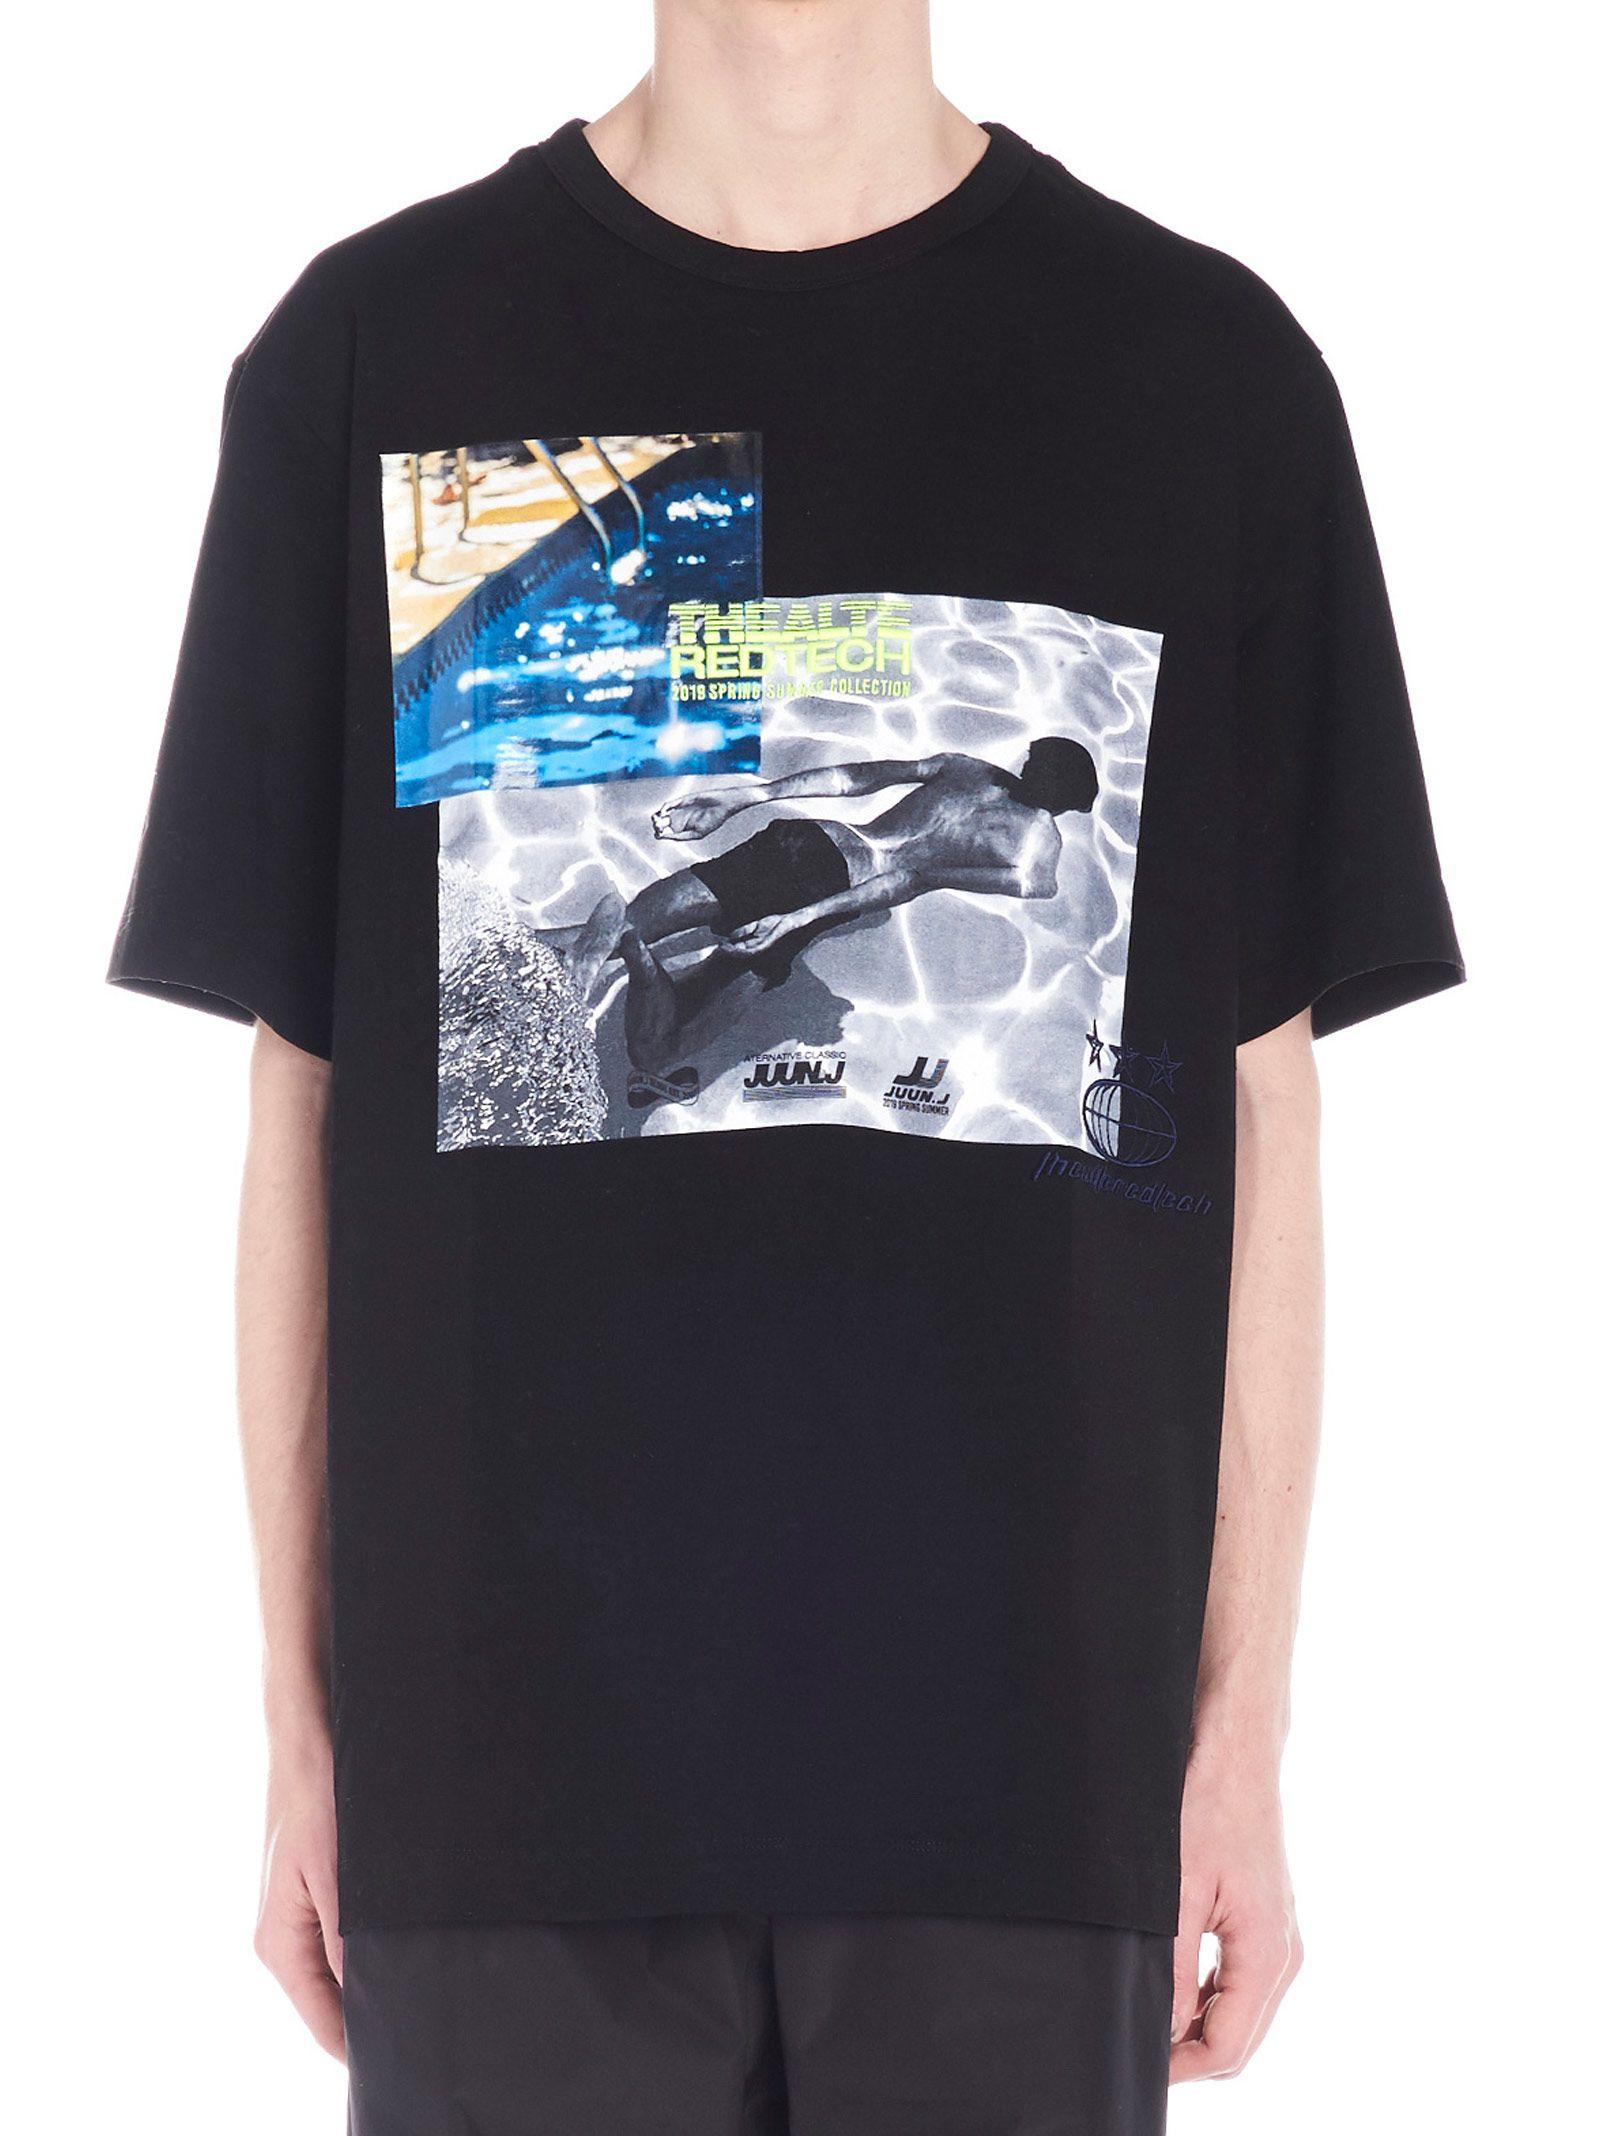 Juun.j 'swimmer' T-shirt